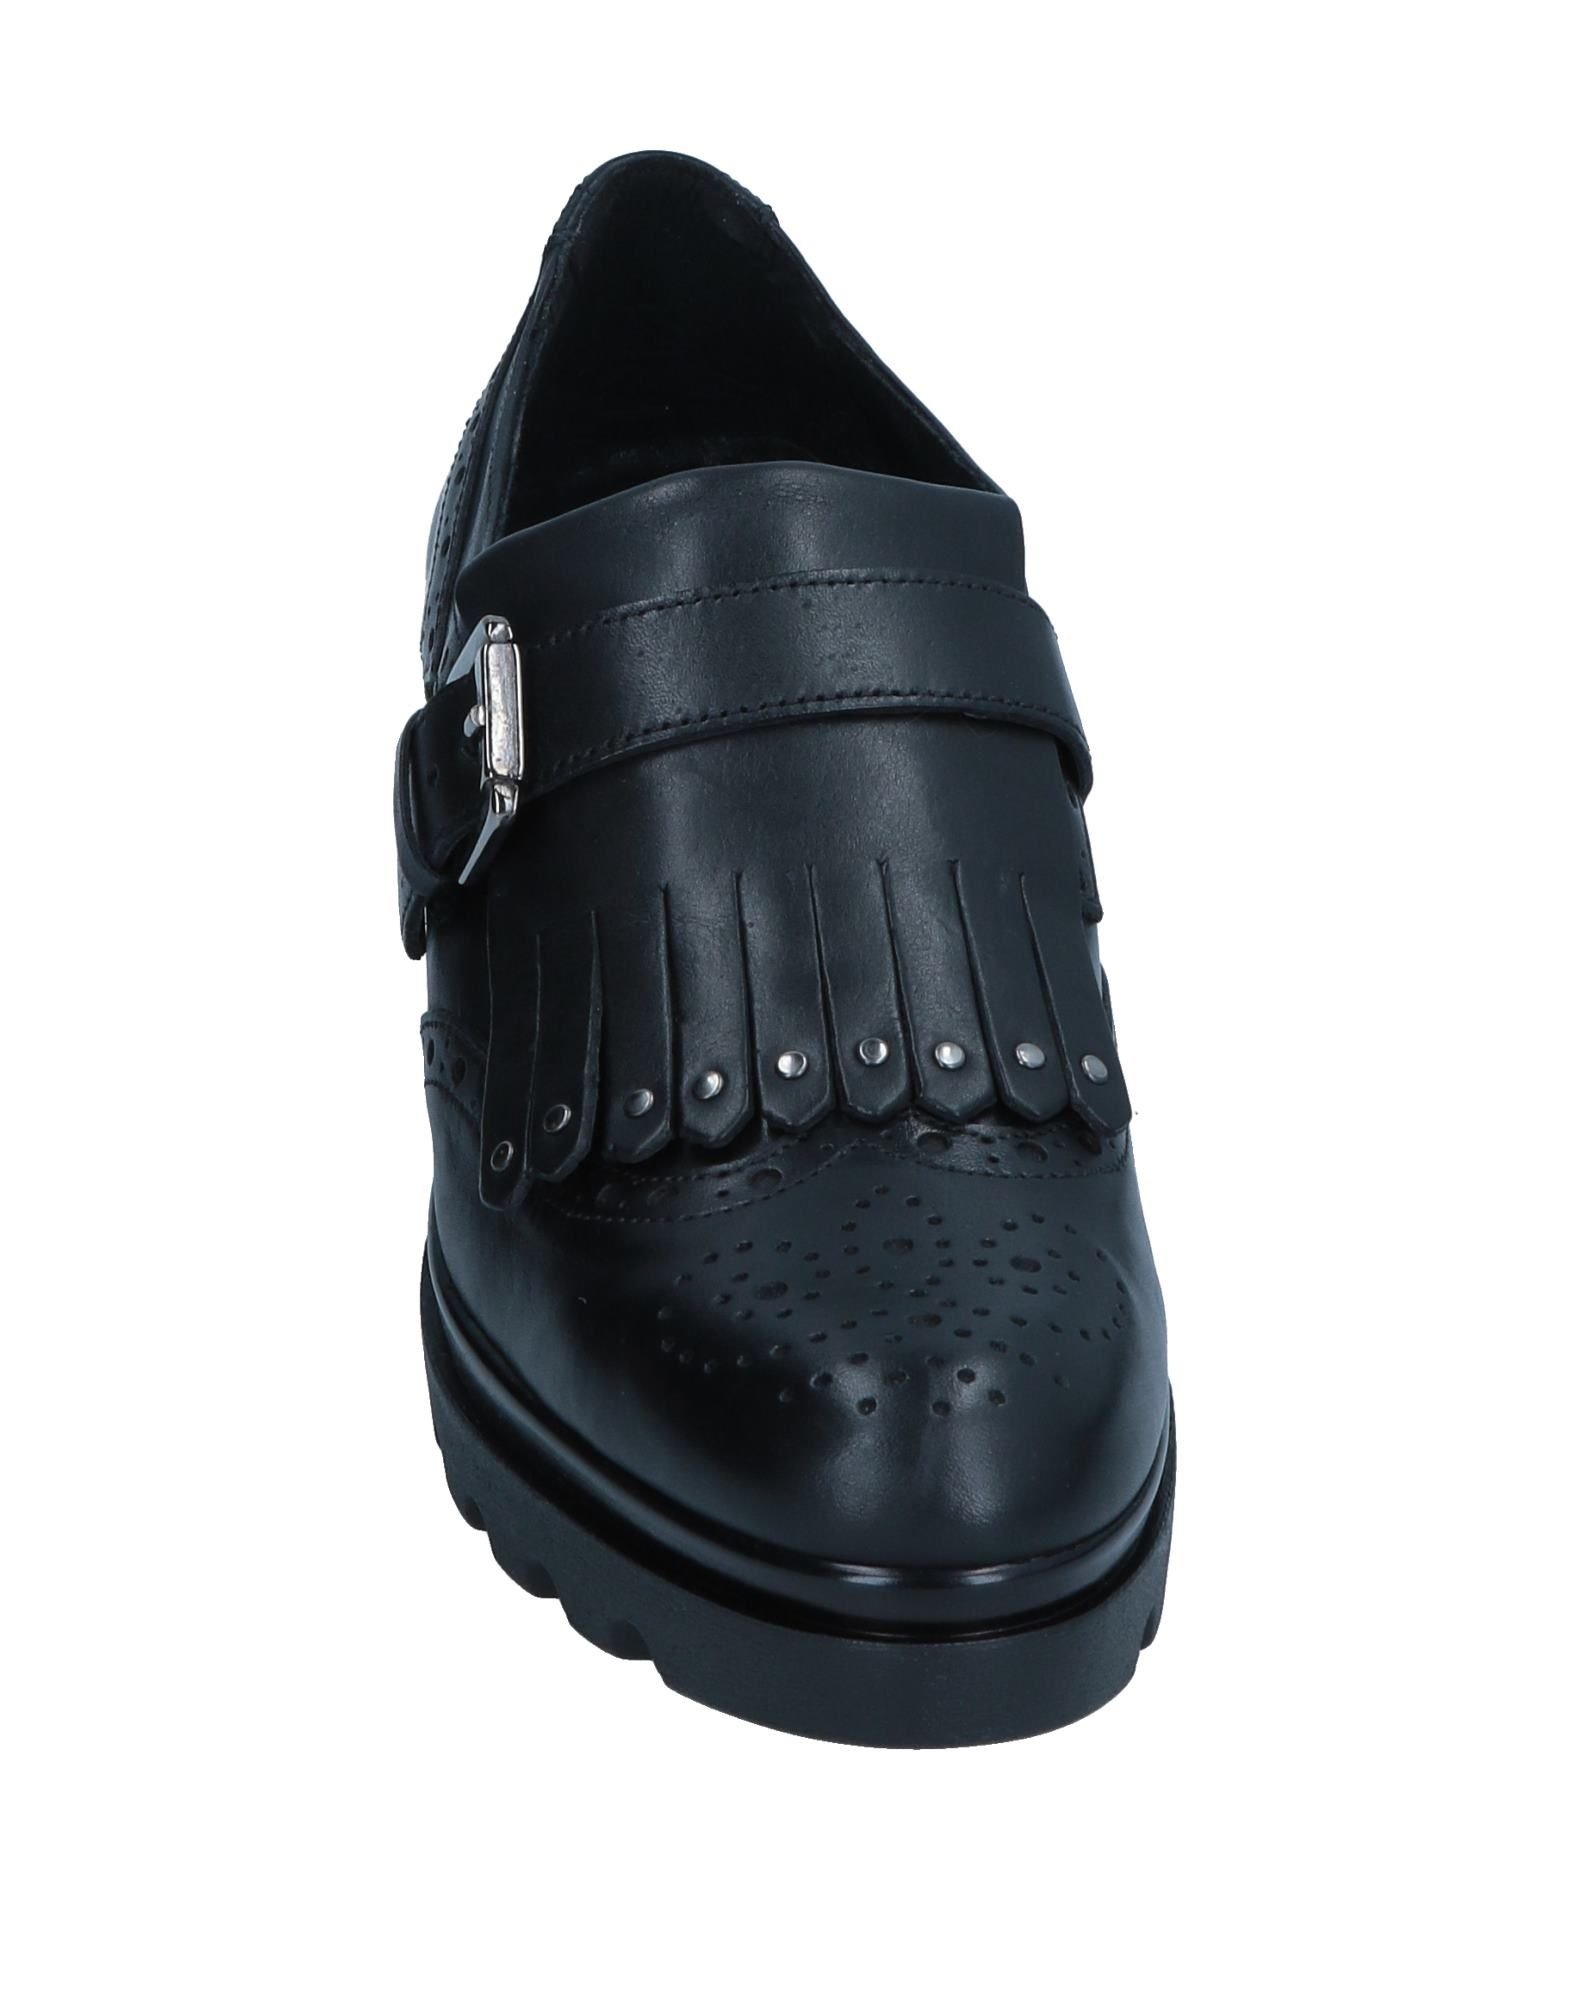 Gut um Mokassins billige Schuhe zu tragenAngel Mokassins um Damen  11545614LE 390d07